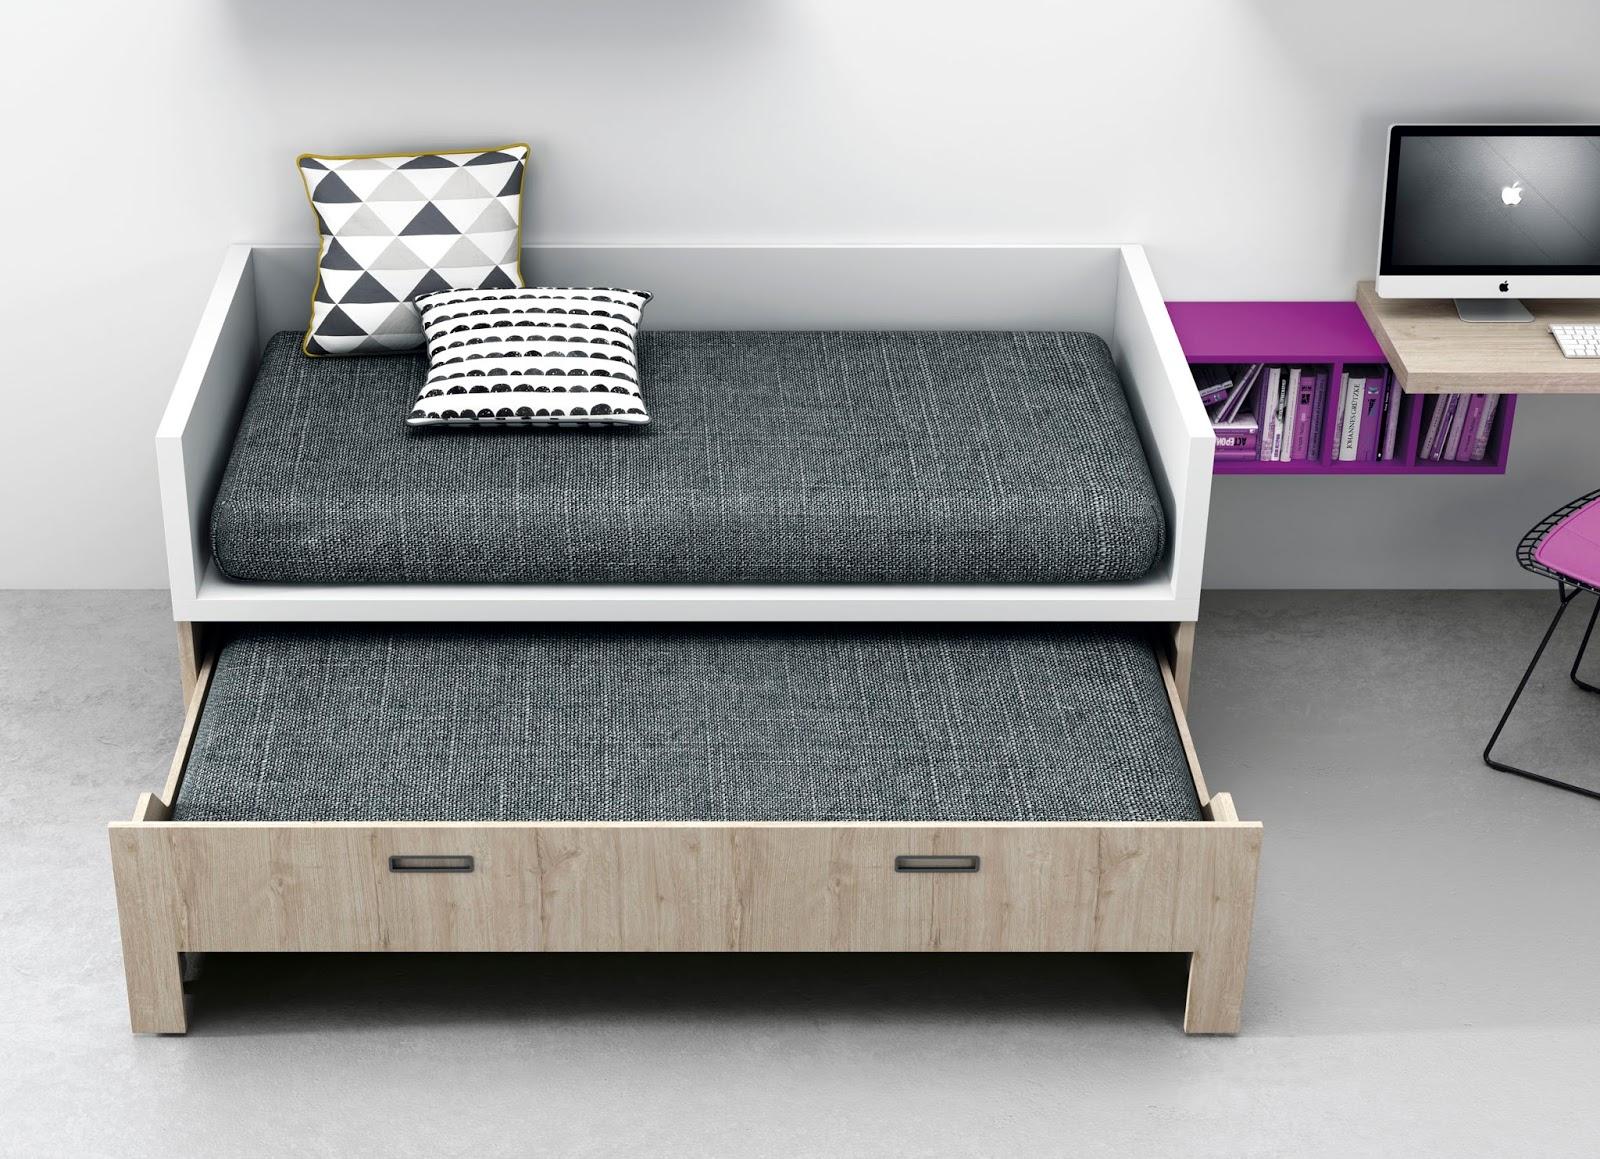 Camas compacto juveniles de igual medida la cama de arriba for Camas gemelas juveniles